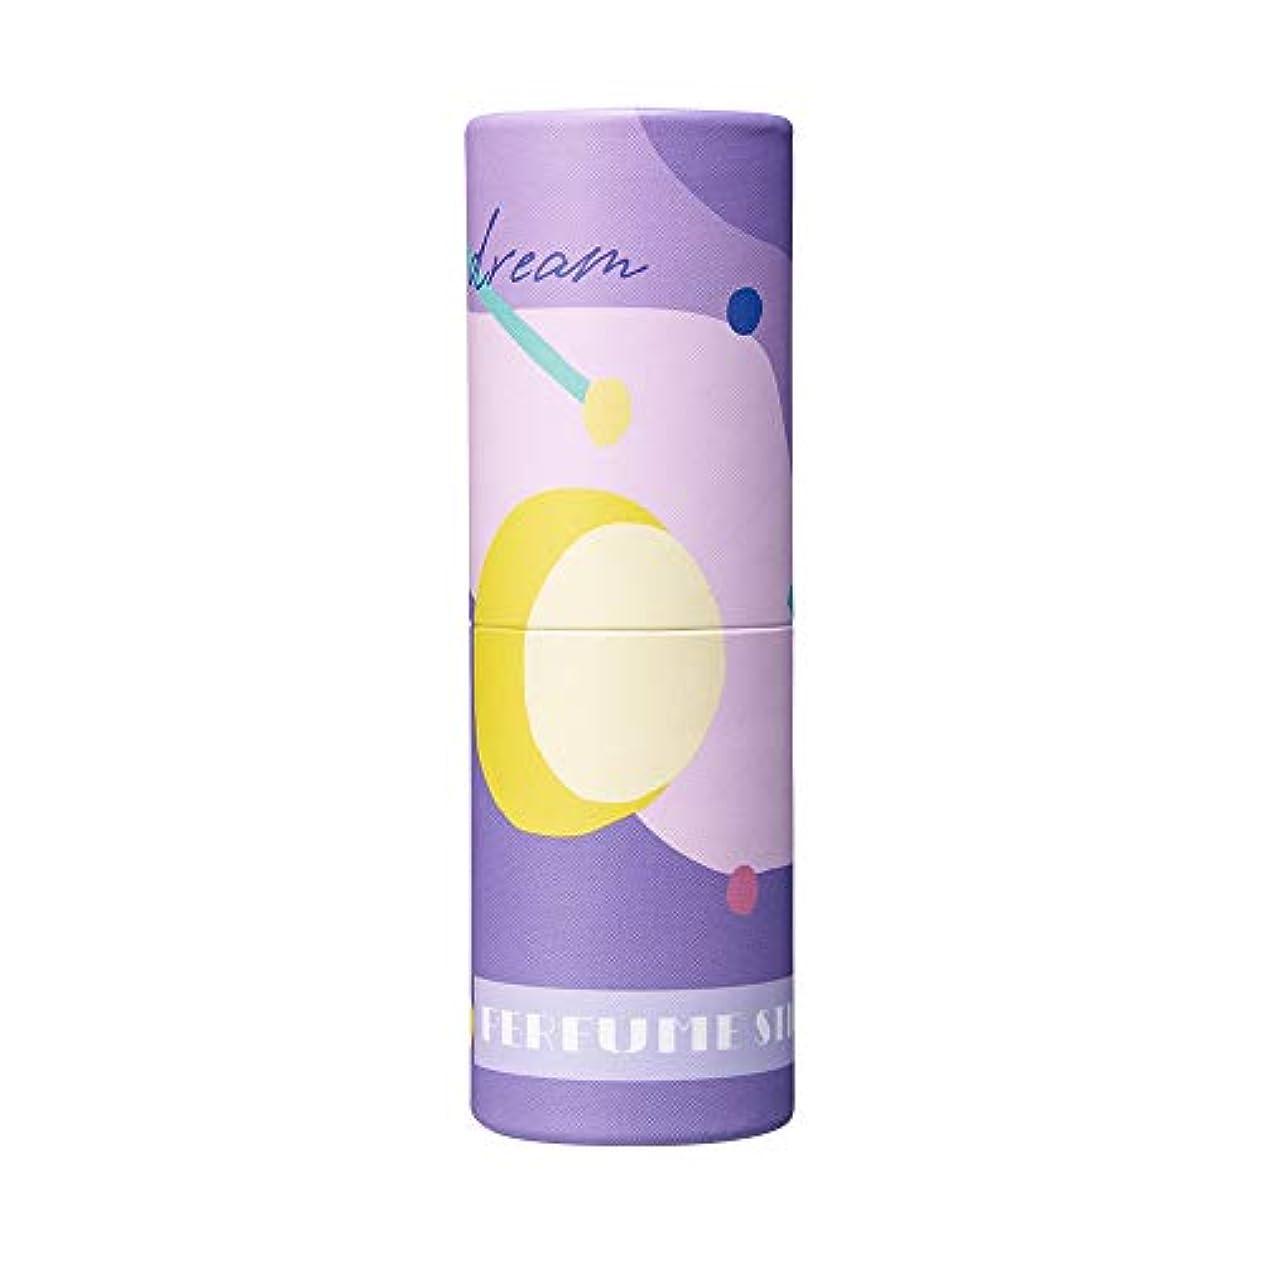 必要とする最初に喜劇パフュームスティック ドリーム ペア&ピーチの香り オリジナルデザイン 5g